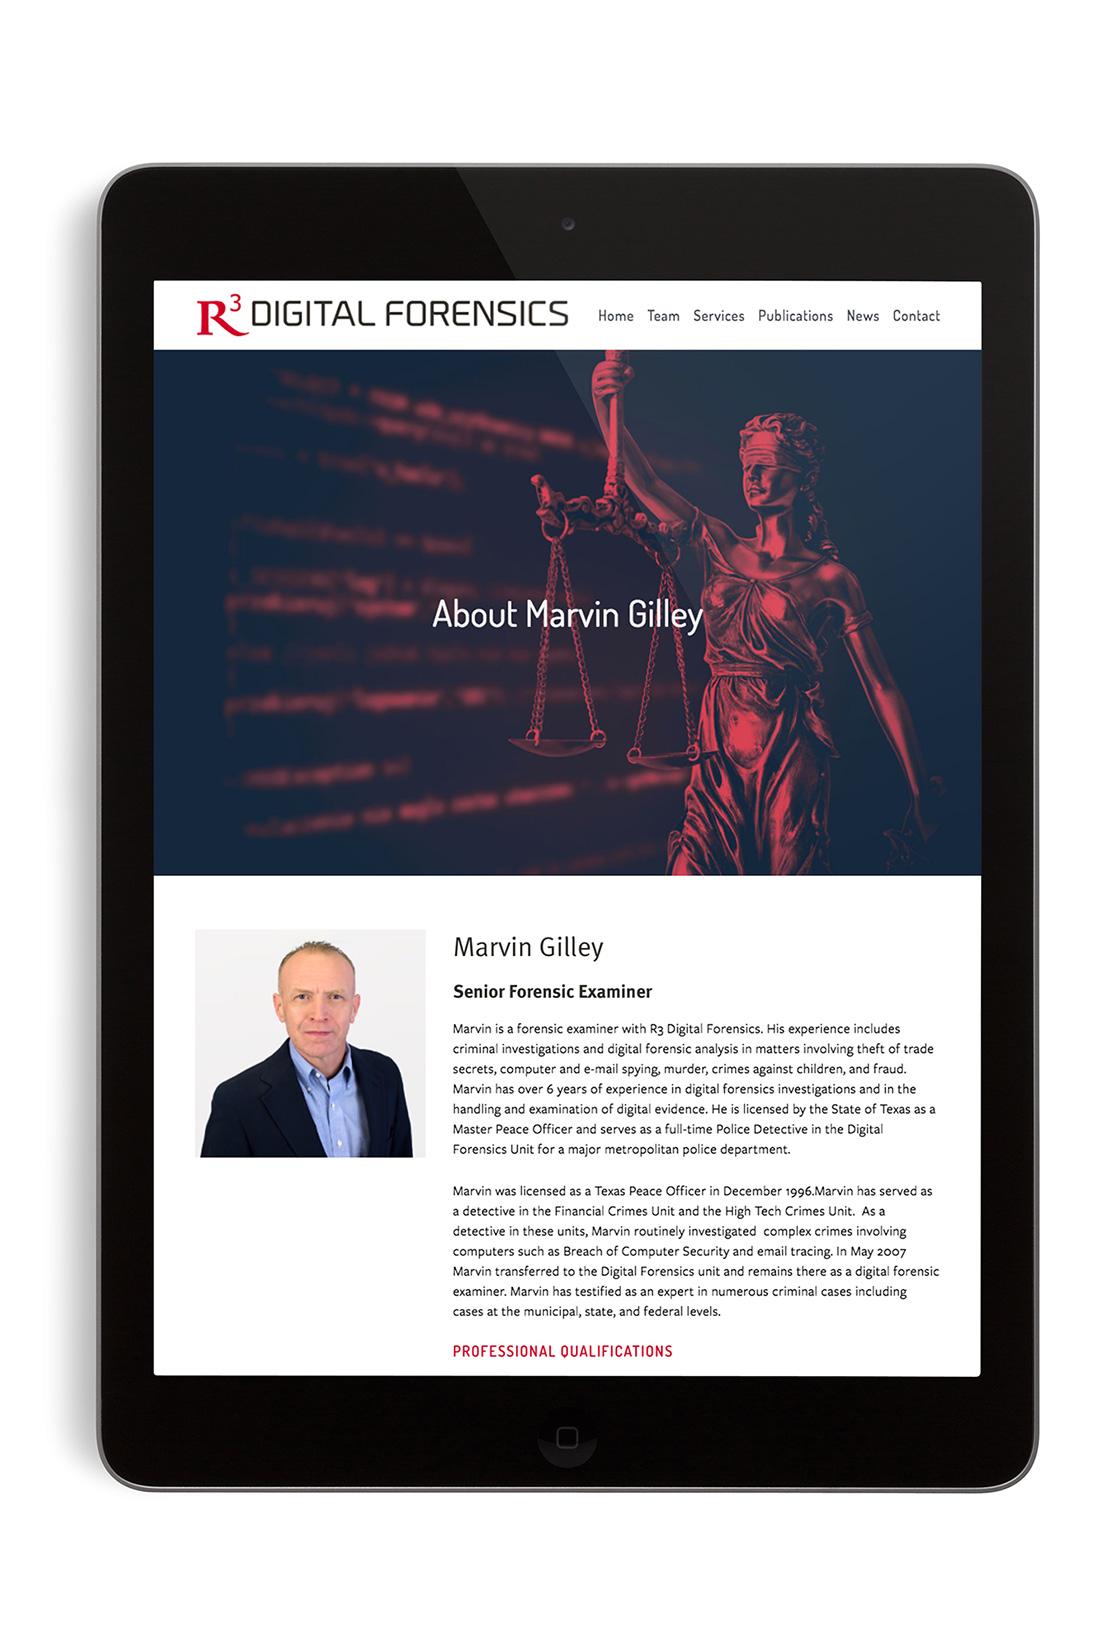 R3 Digital Forensics website on iPad